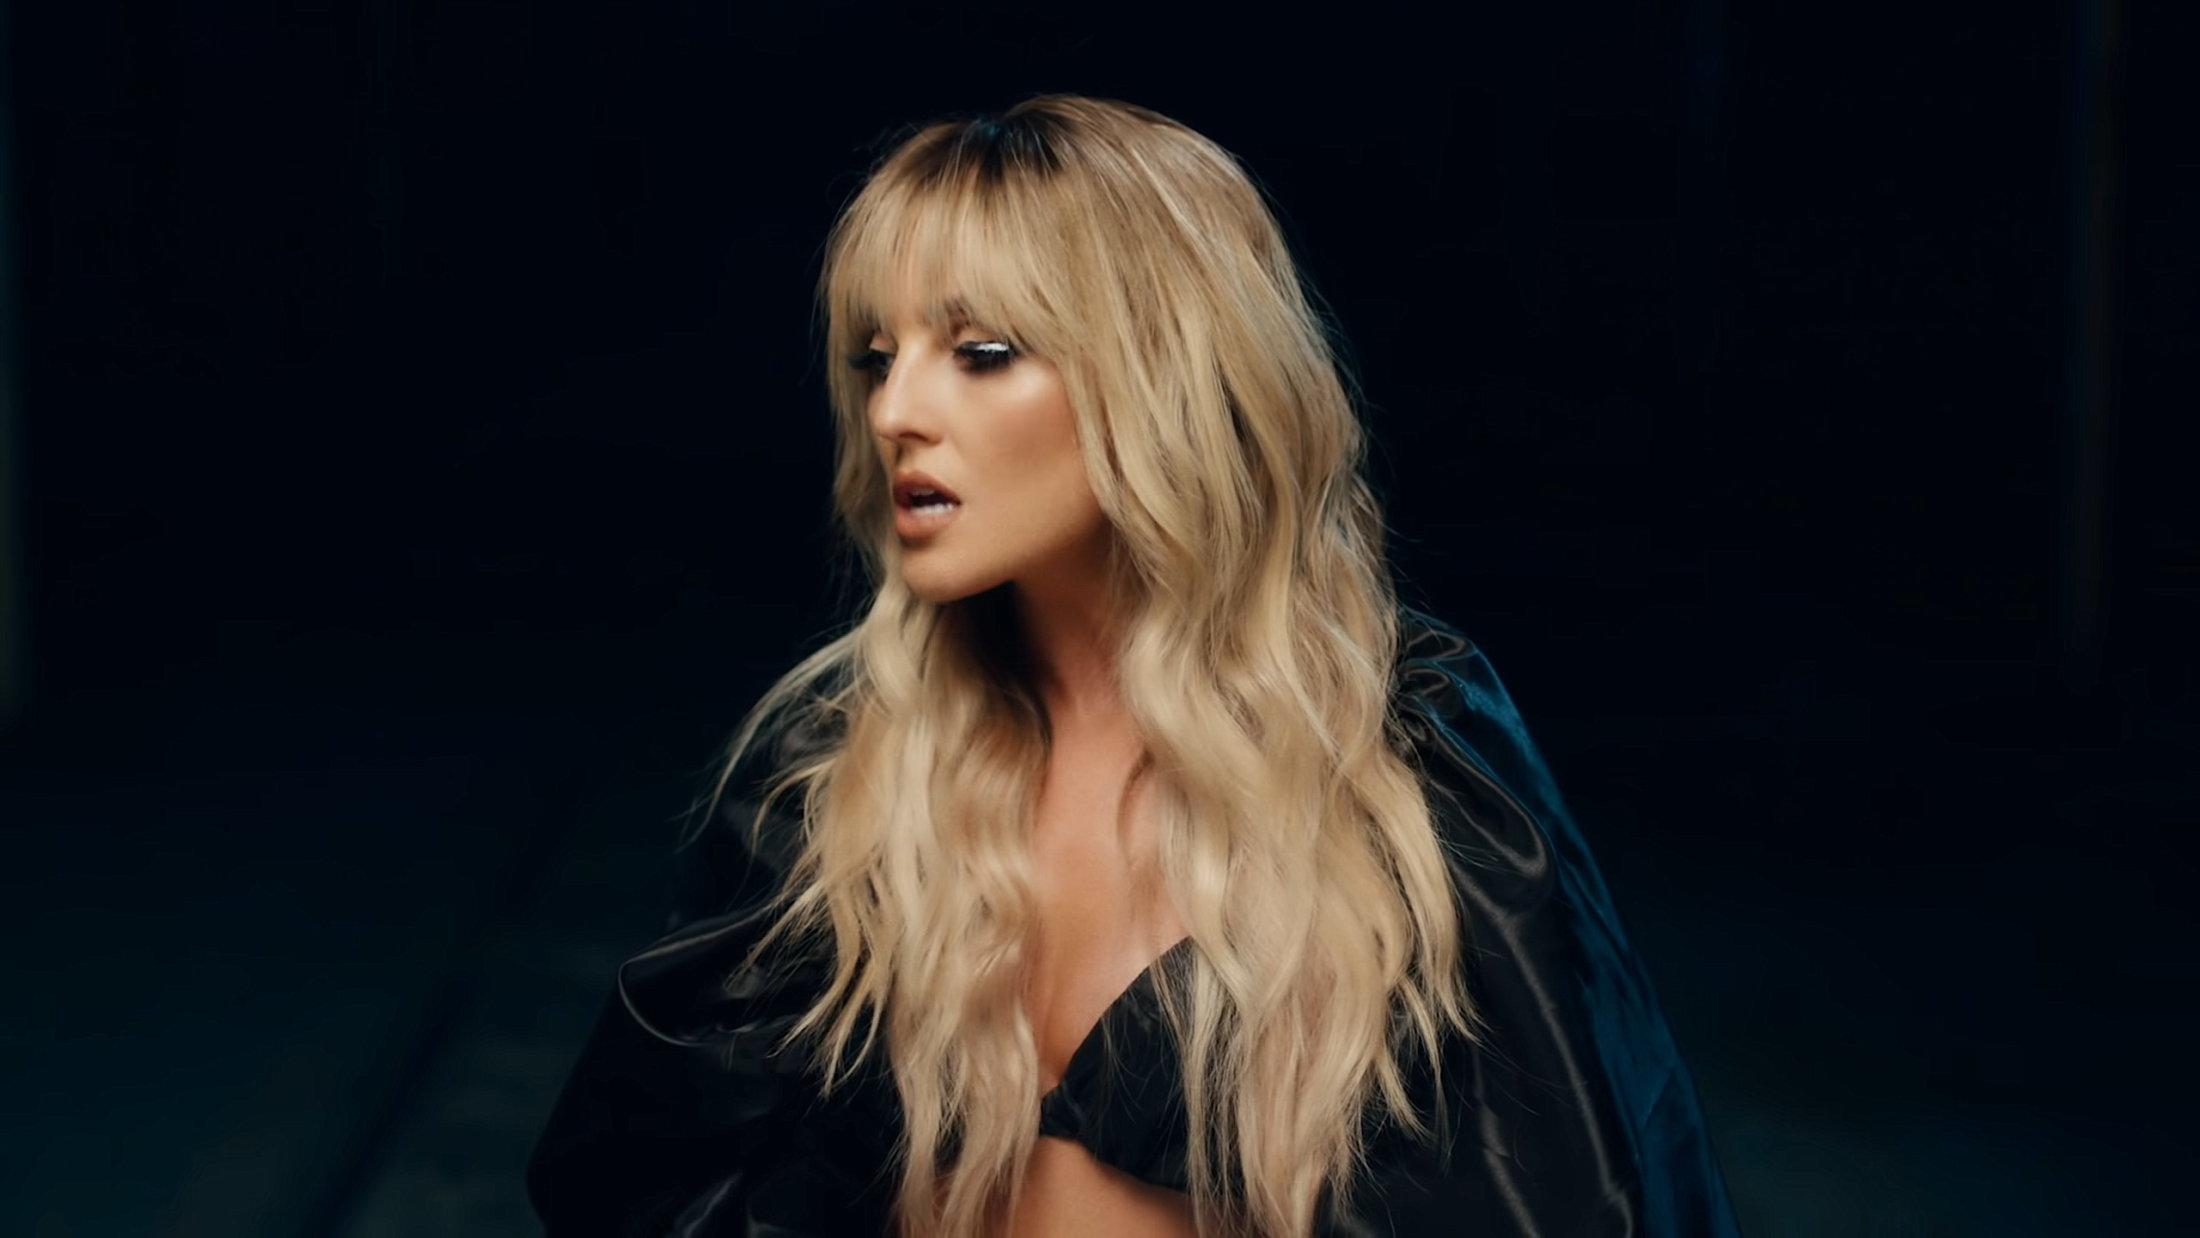 Little Mix - Sweet Melody (Official Video) 2-2 Screenshot